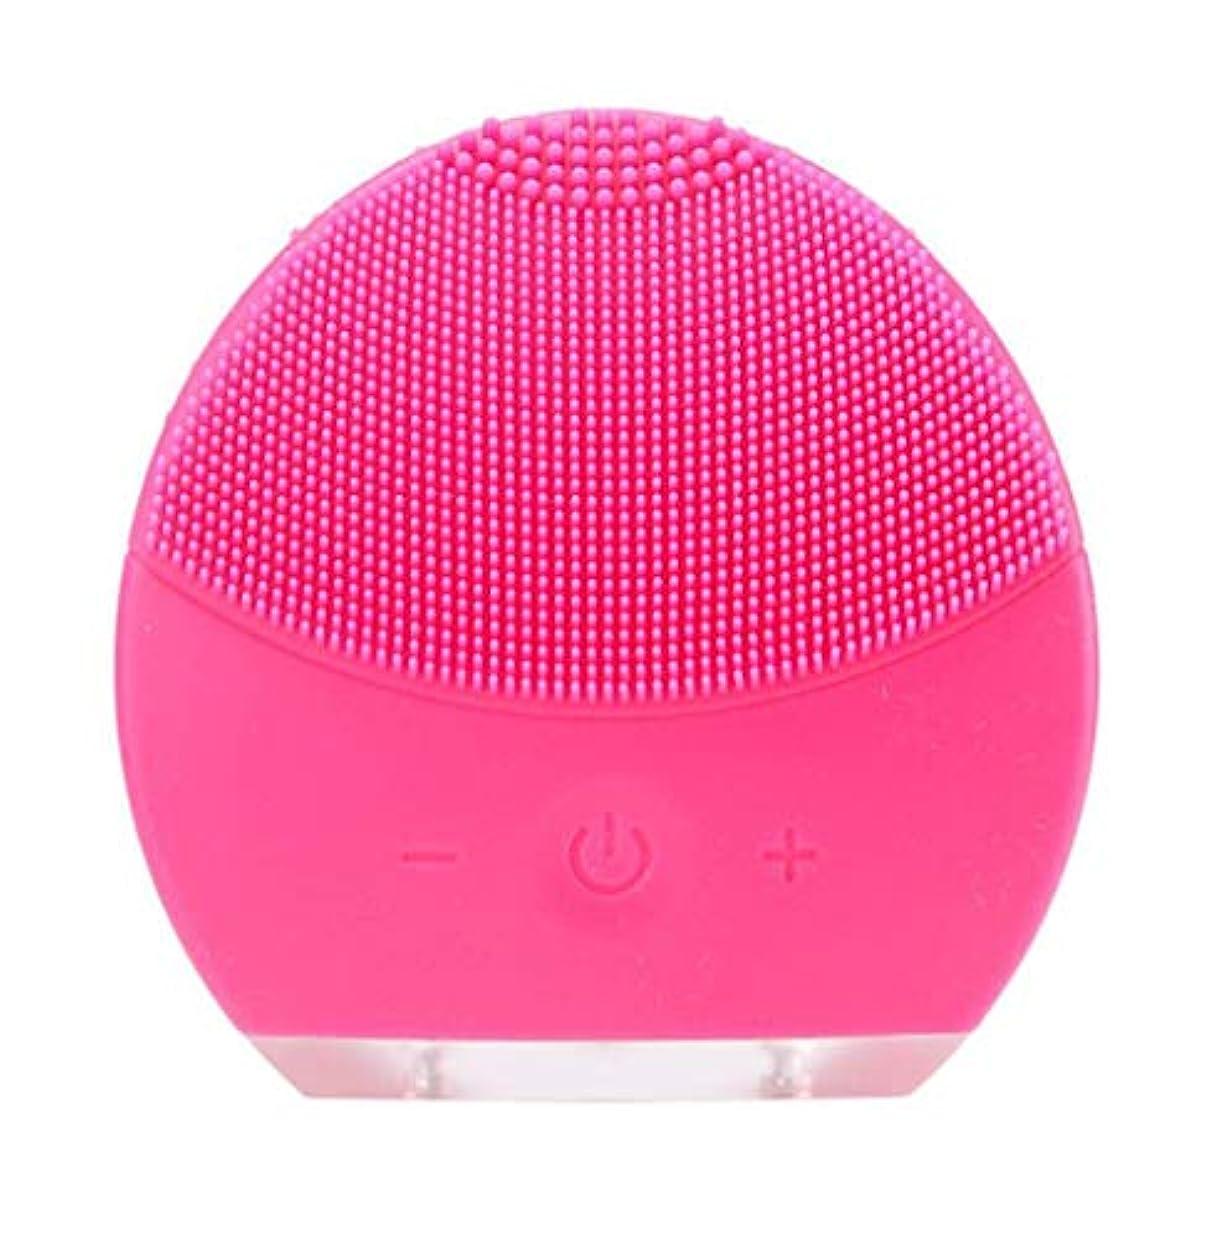 想像力陰謀プラカード超音波振動美容機器洗浄器、皮膚の毛穴を最小限に抑えるマイクロダーマブレーション毛穴、USB 充電と防水,Rosered